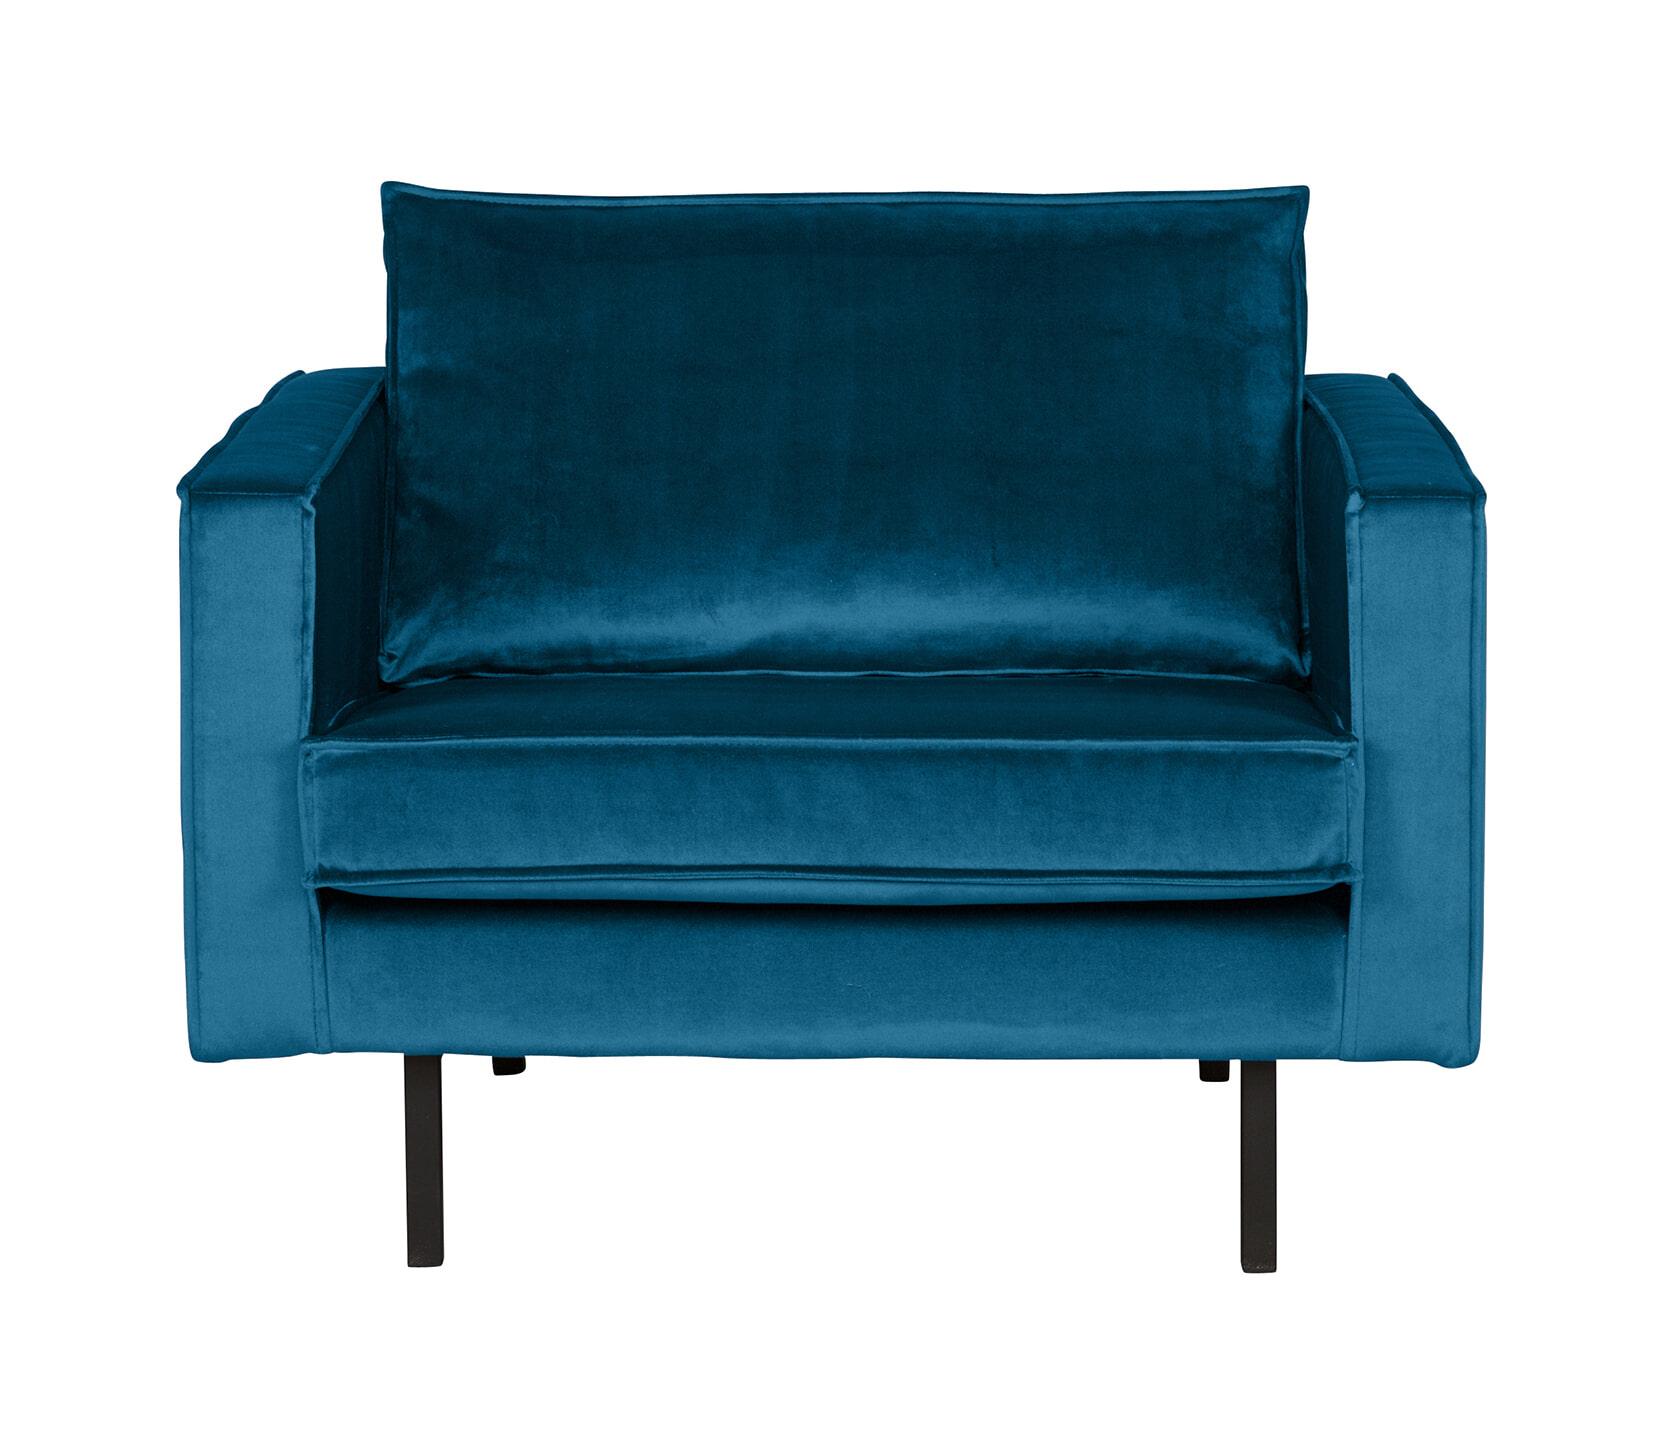 BePureHome Fauteuil 'Rodeo' Velvet, kleur Blauw